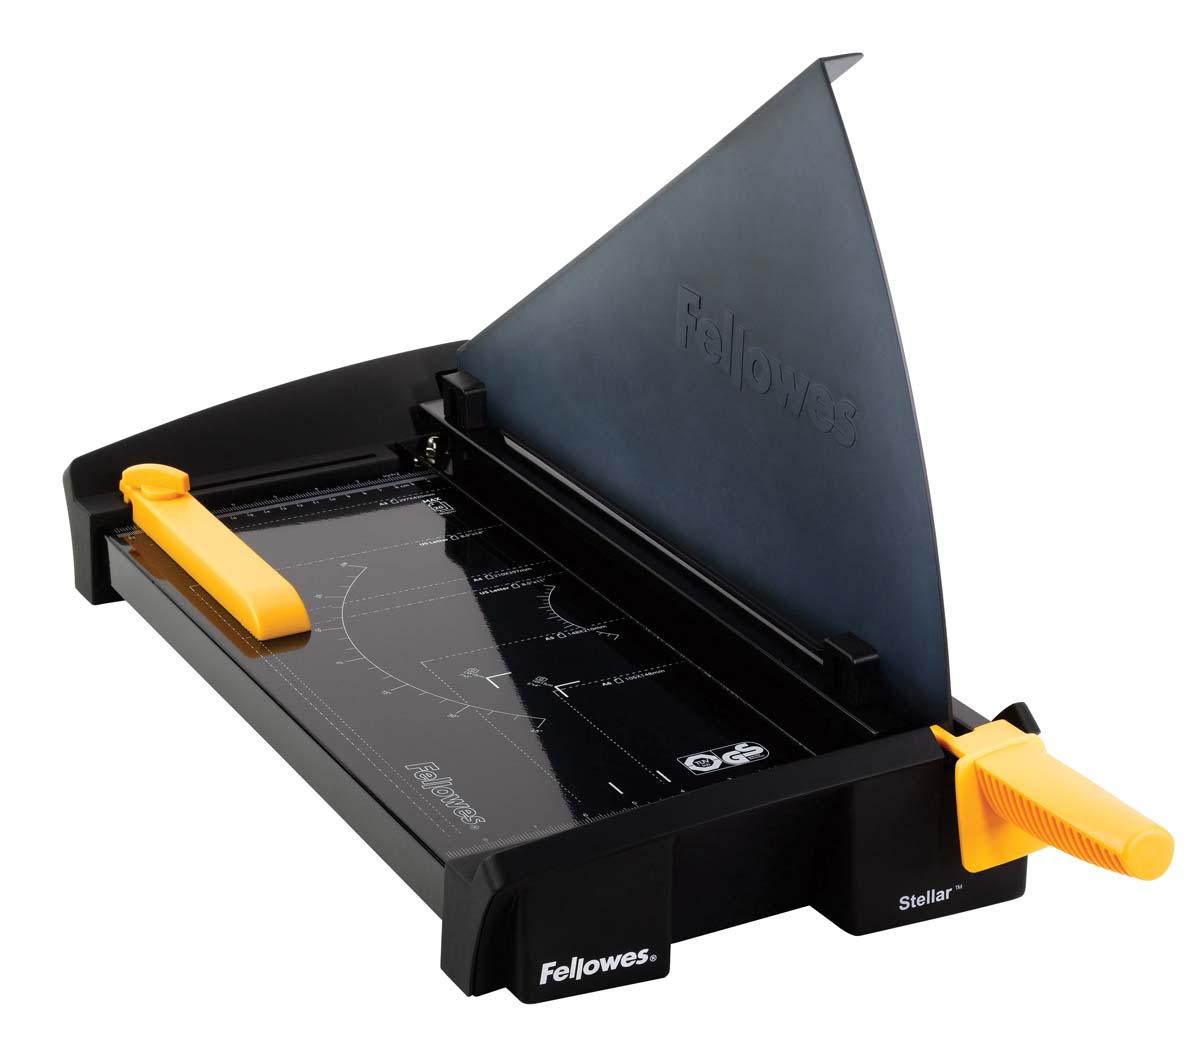 Fellowes Stellar A3 резак сабельныйFS-54384Резак сабельный SafeCut™ Stellar A3 идеален для частого использования в офисе.Длина реза 455мм, стопа 2мм (20 листов 80гр/м2).Запатентованный SafeCut™ защитный экран предотвращает вероятность прикосновения пользователя к ножу резака во время работы.Защитный экран уже установлен, перед использованием его необходимо развернуть, что снимает проблему его неправильной установки.Без развернутого защитного экрана, резак не работает.Профессиональное лезвие из нержавеющей стали, выдерживающее огромные нагрузки.Авто-зажим бумаги, для более точного реза.Фиксируемый крепеж края бумаги для работы с большими тиражами.Прочное металлическое основание на нескользящих ножках.